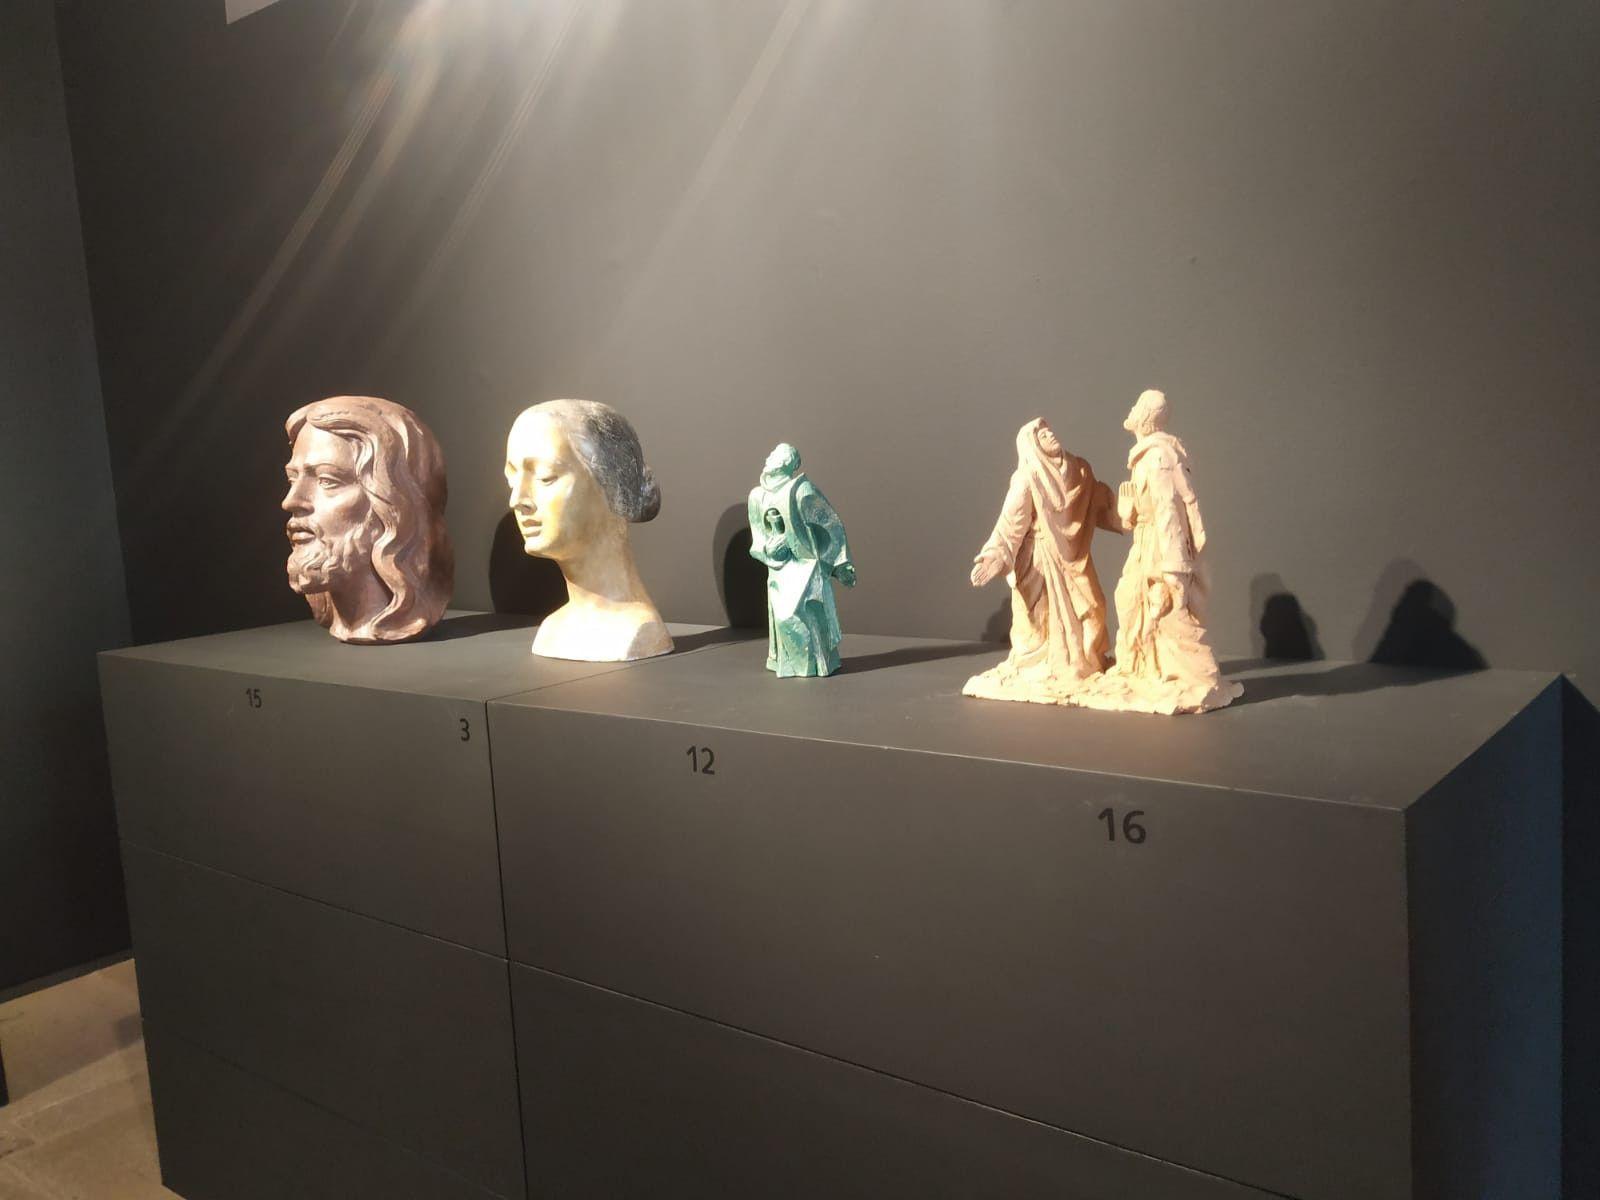 Exposicion hipolito perez calvo museo diocesano (8)